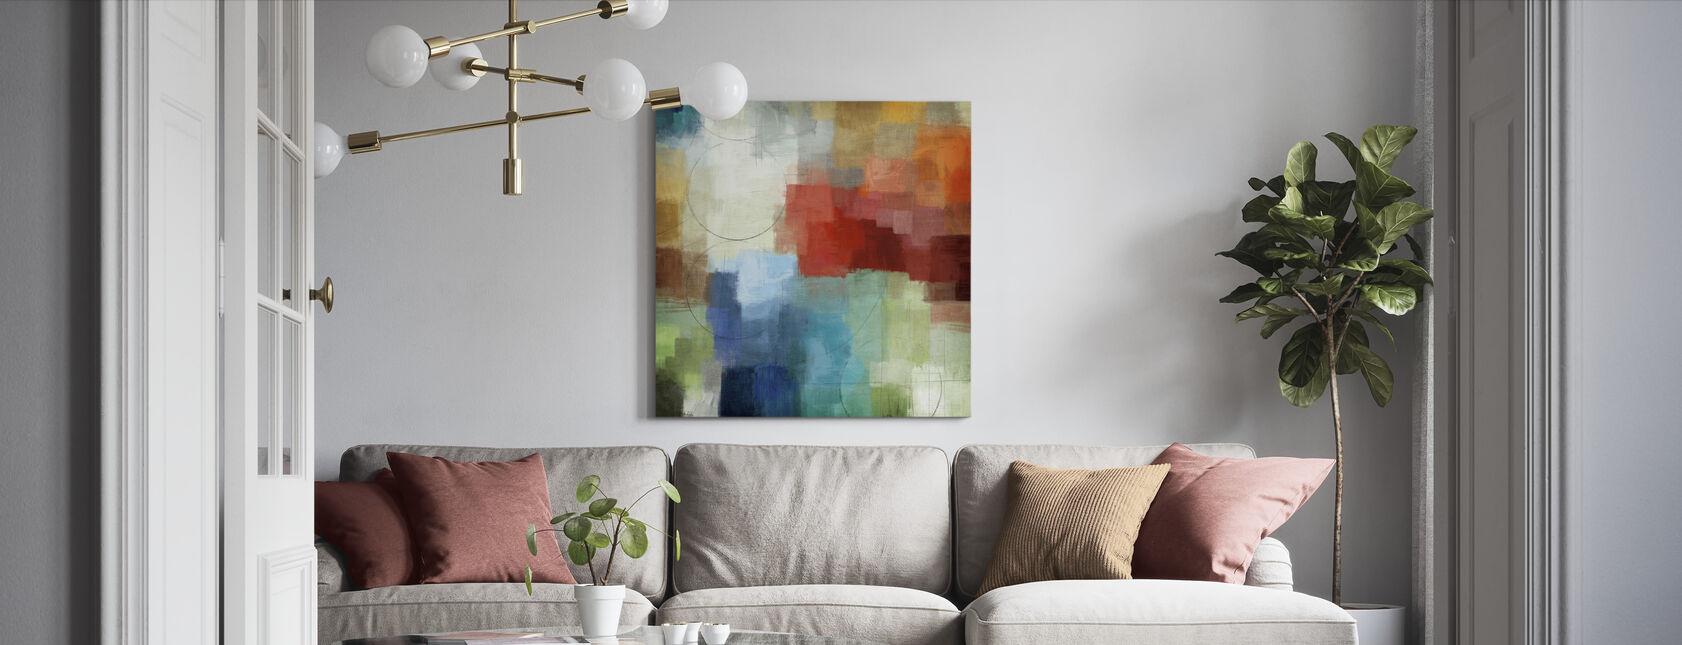 Seizoenen - Canvas print - Woonkamer